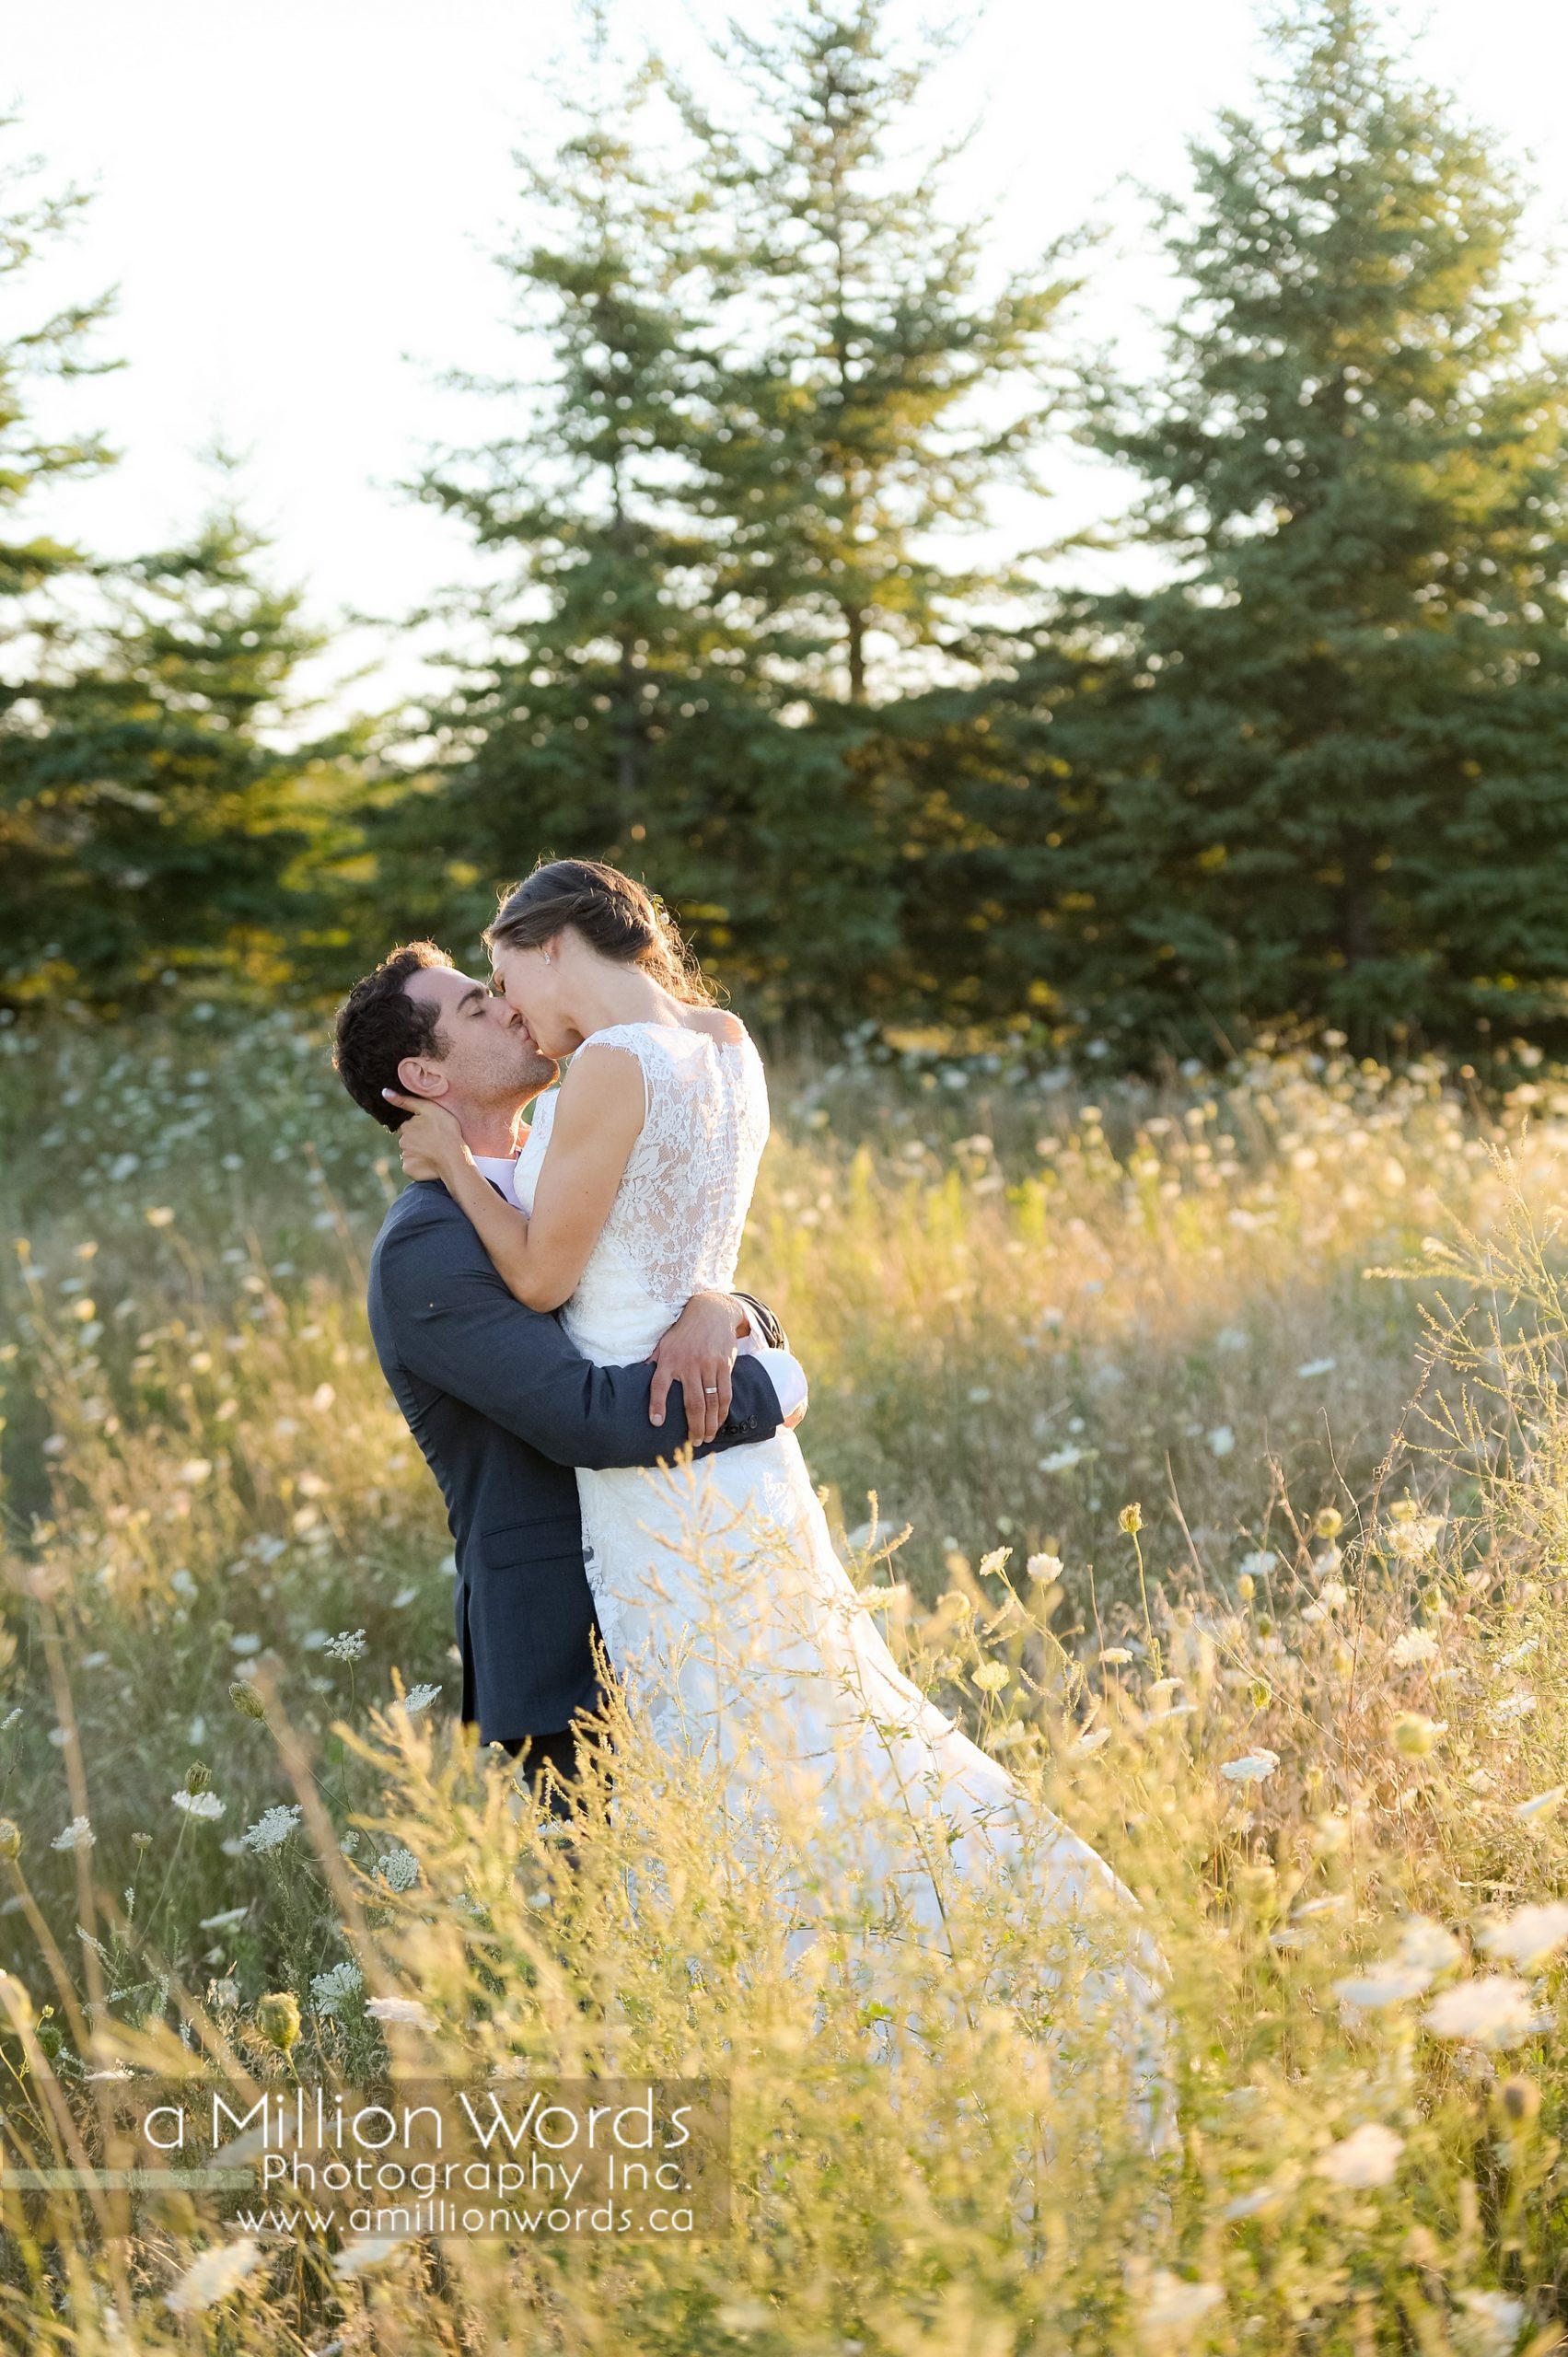 kw_wedding_photography41